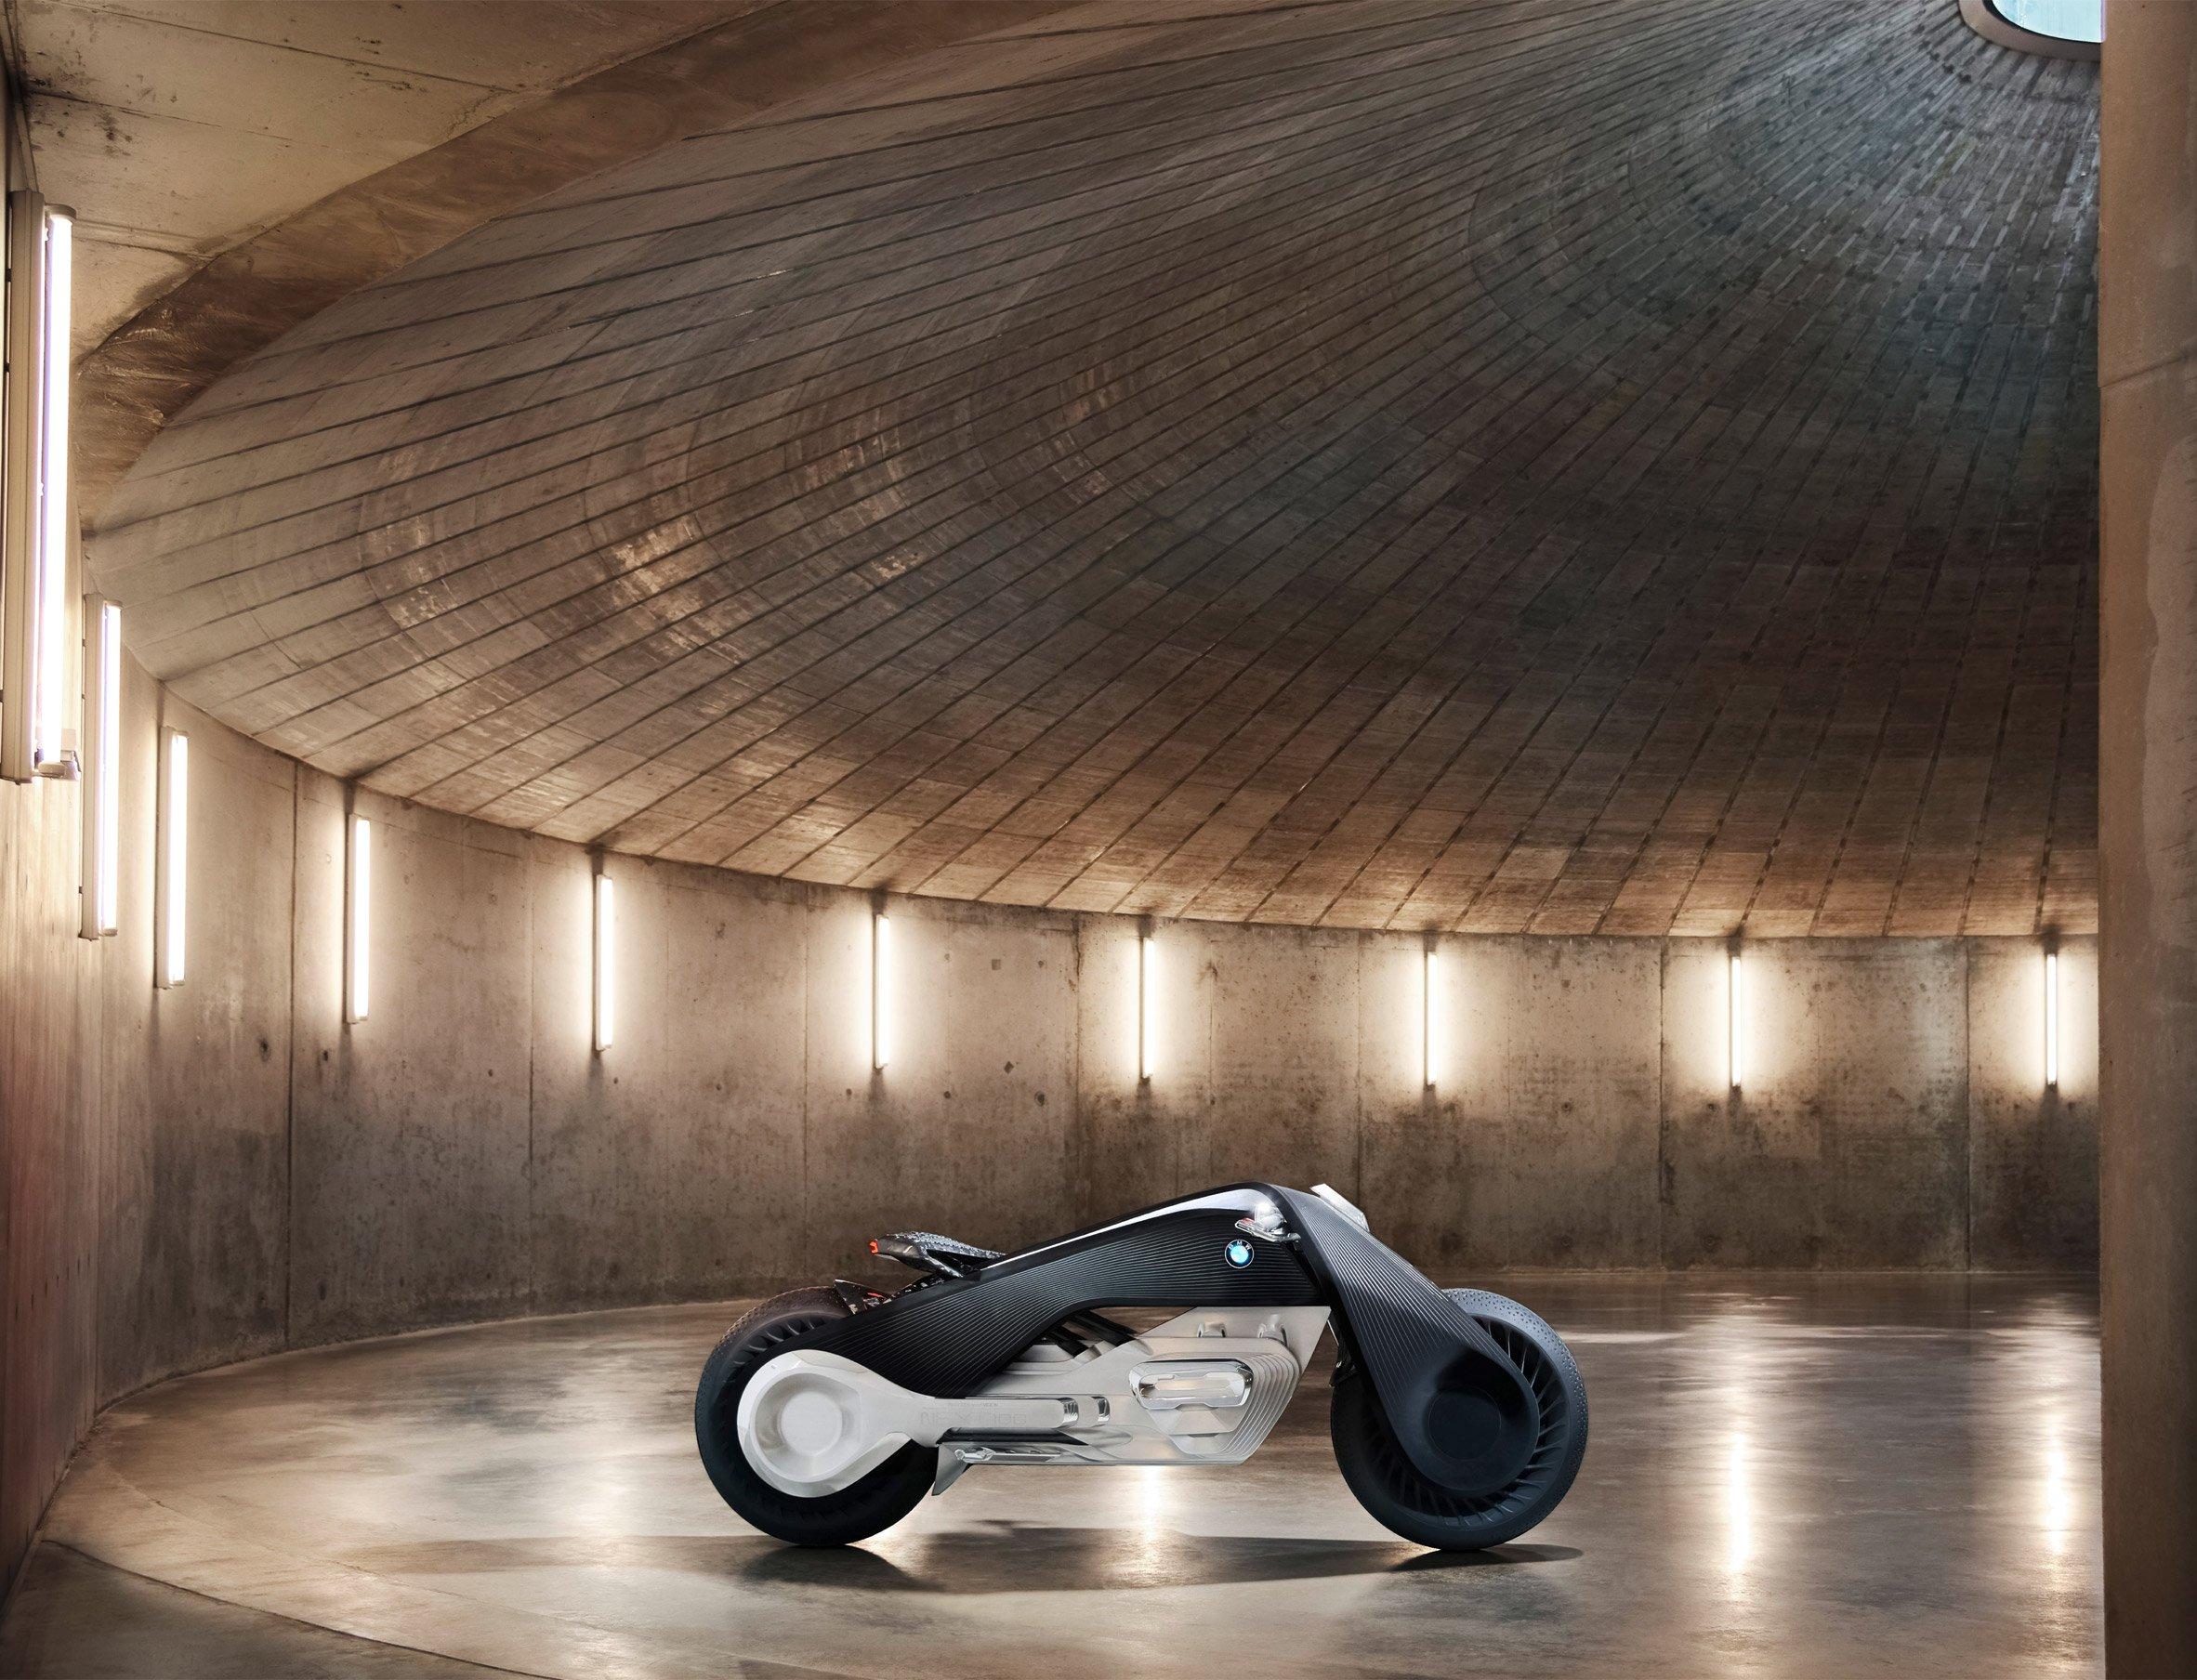 bmw-motorbike-vision-next-100-transport-vehicle-design_dezeen_2364_col_9